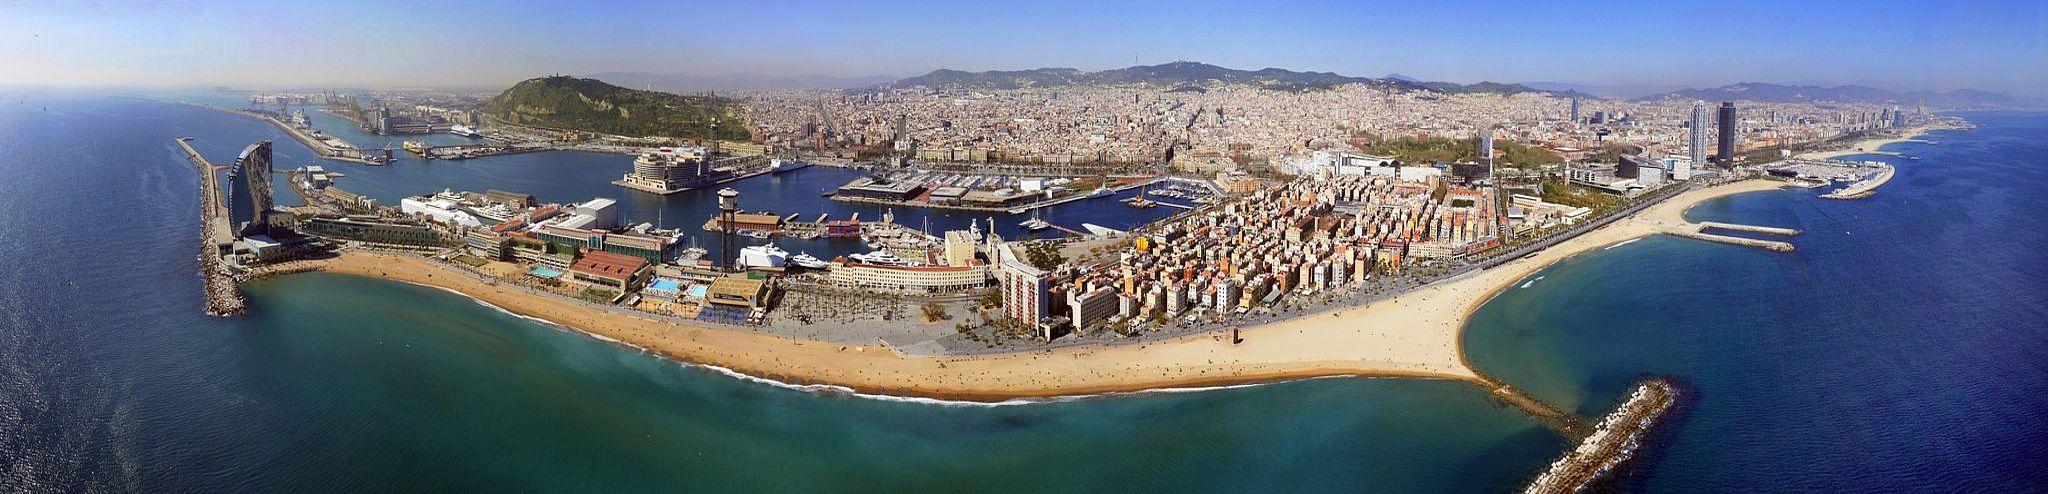 Construimos una Barcelona de calidad, moderna y puntera